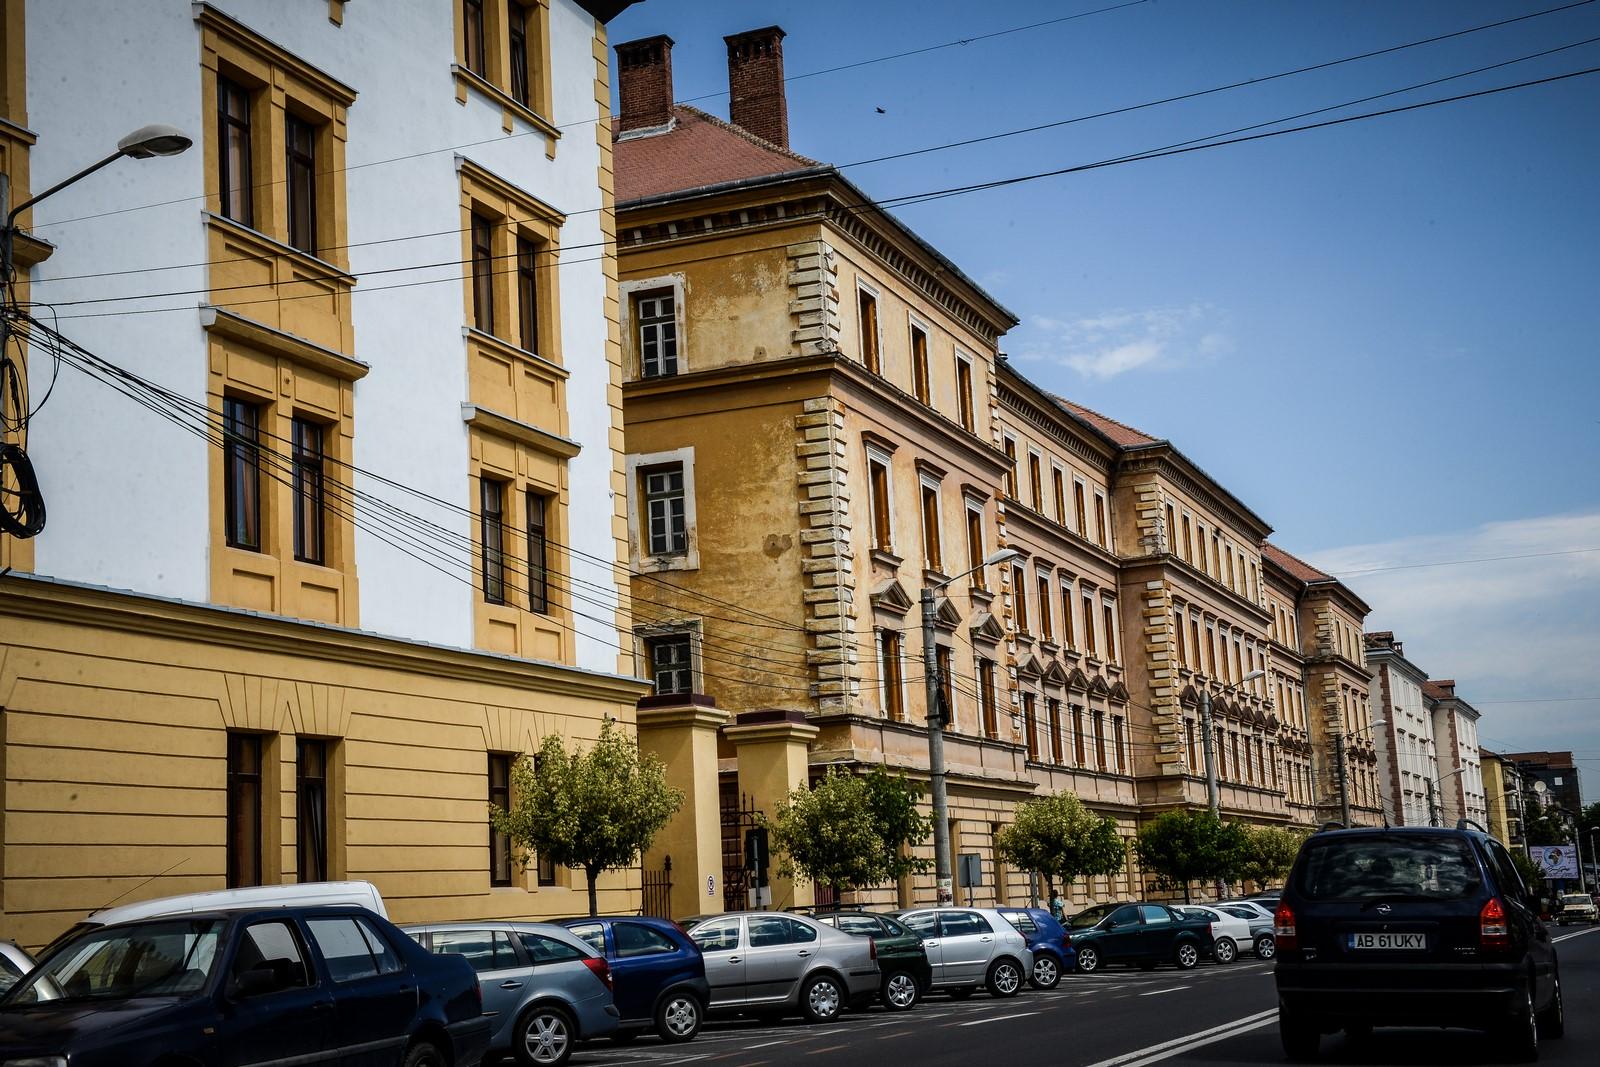 Terenuri de tenis și squash pe Calea Dumbrăvii, pentru militarii NATO